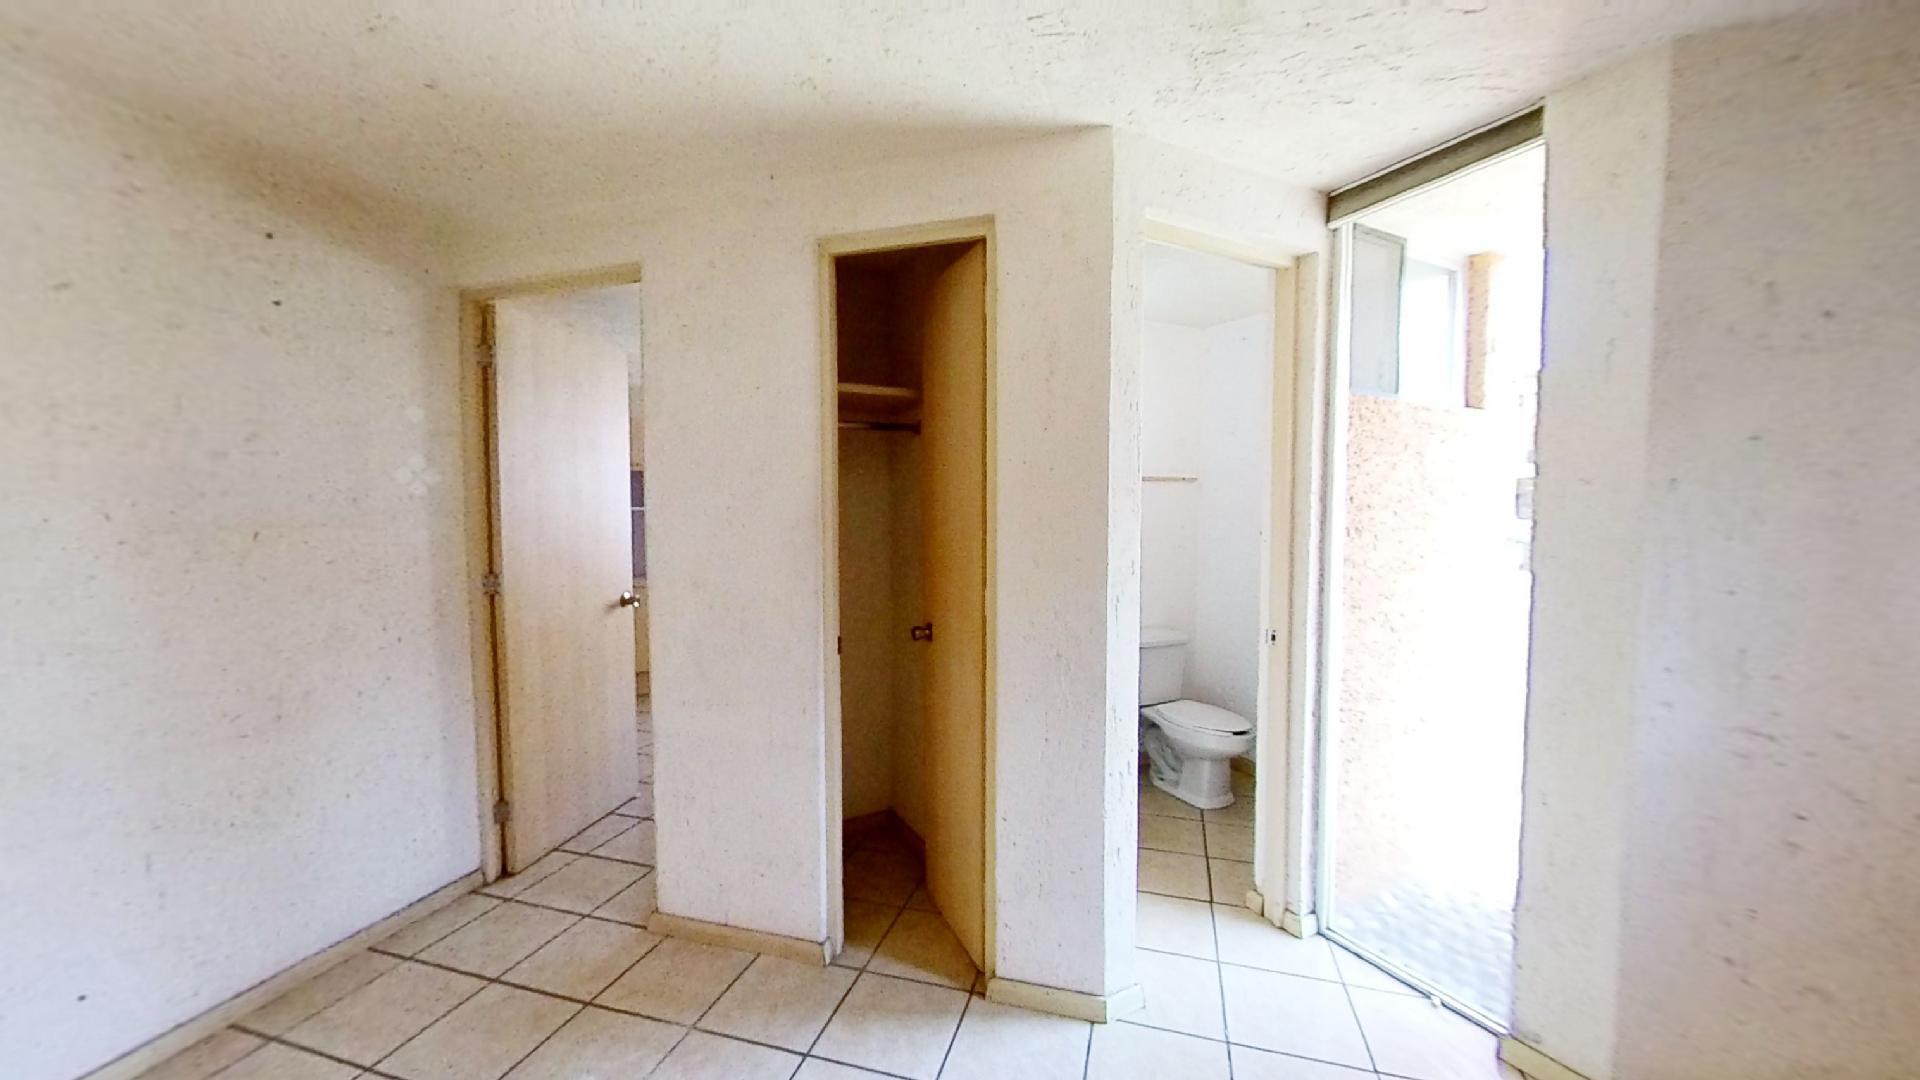 Casa en venta de 3 recámaras en Condominio Los Fresnos, Naucalpan de Juárez, entre Lomas Verdes y Jardines de San Mateo, EDOMEX. Entrada Cocina